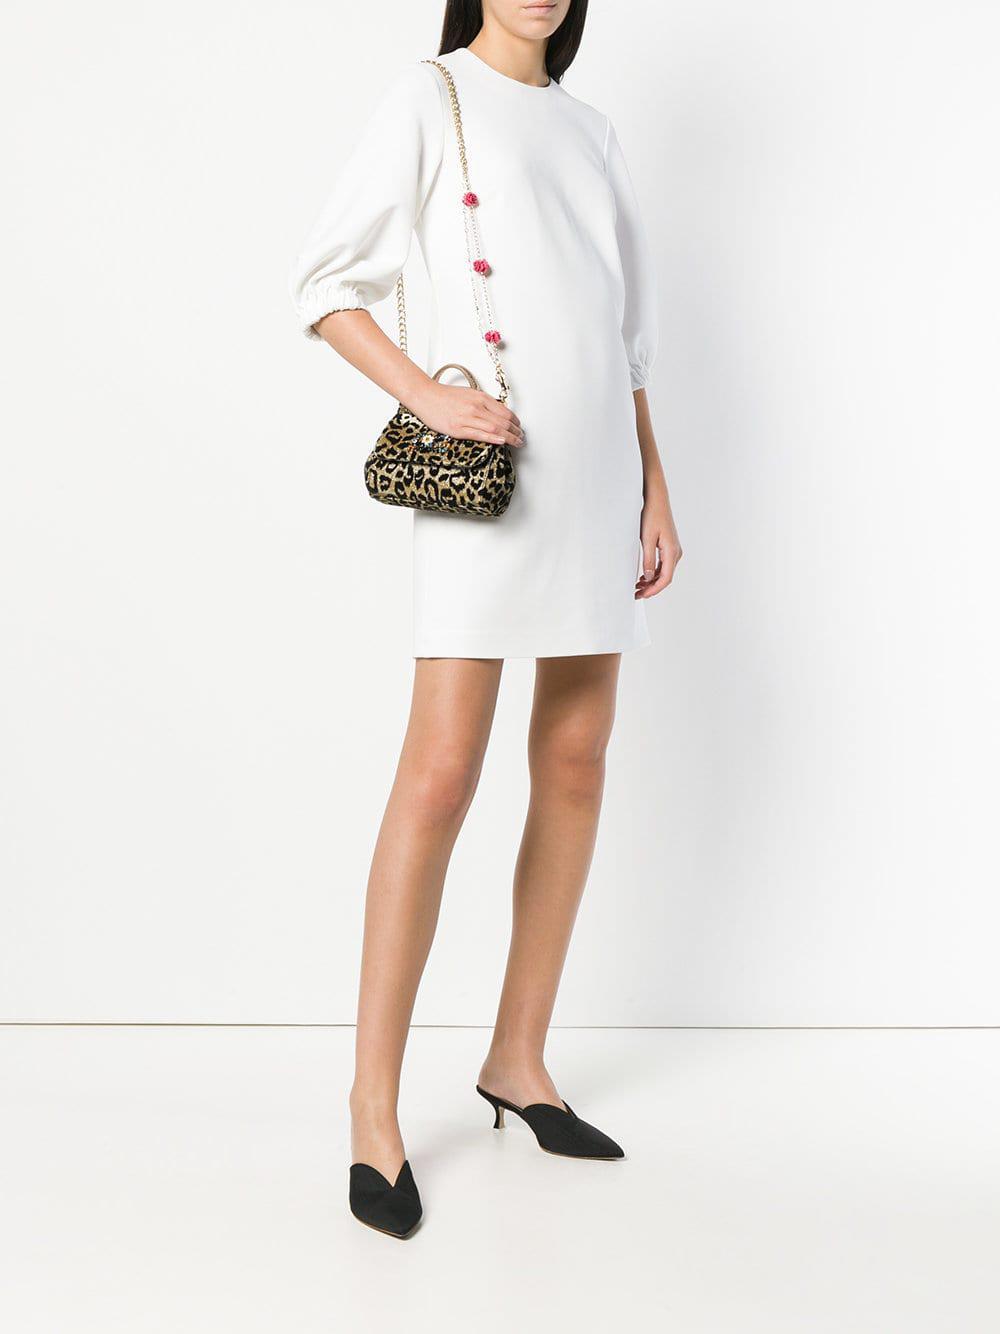 Dolce   Gabbana Sicily Mini Tote Bag in Yellow - Lyst 987f94a42dea4